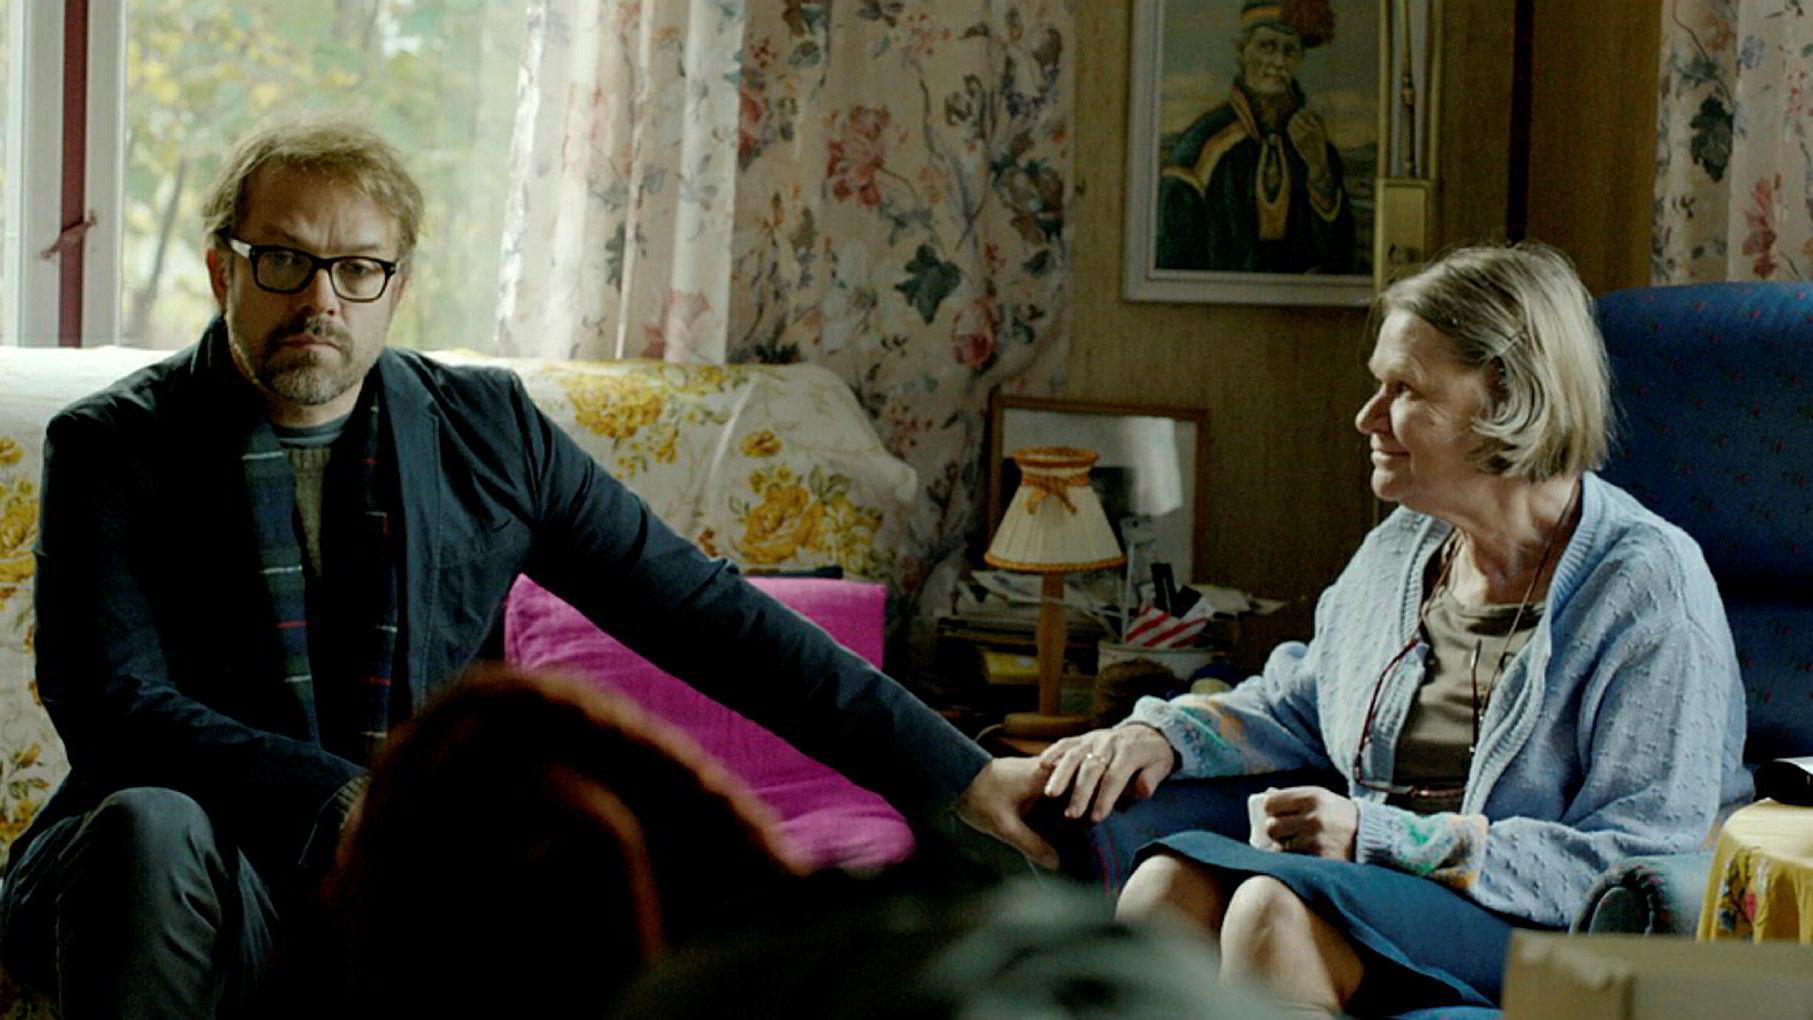 Kultursnobben Thomas (Christian Skolmen) jobber i et bokforlag, og søsteren Elin (Heidi Goldmann) går på Den fireepisoders humorserien «Epleslang» morer og rører.